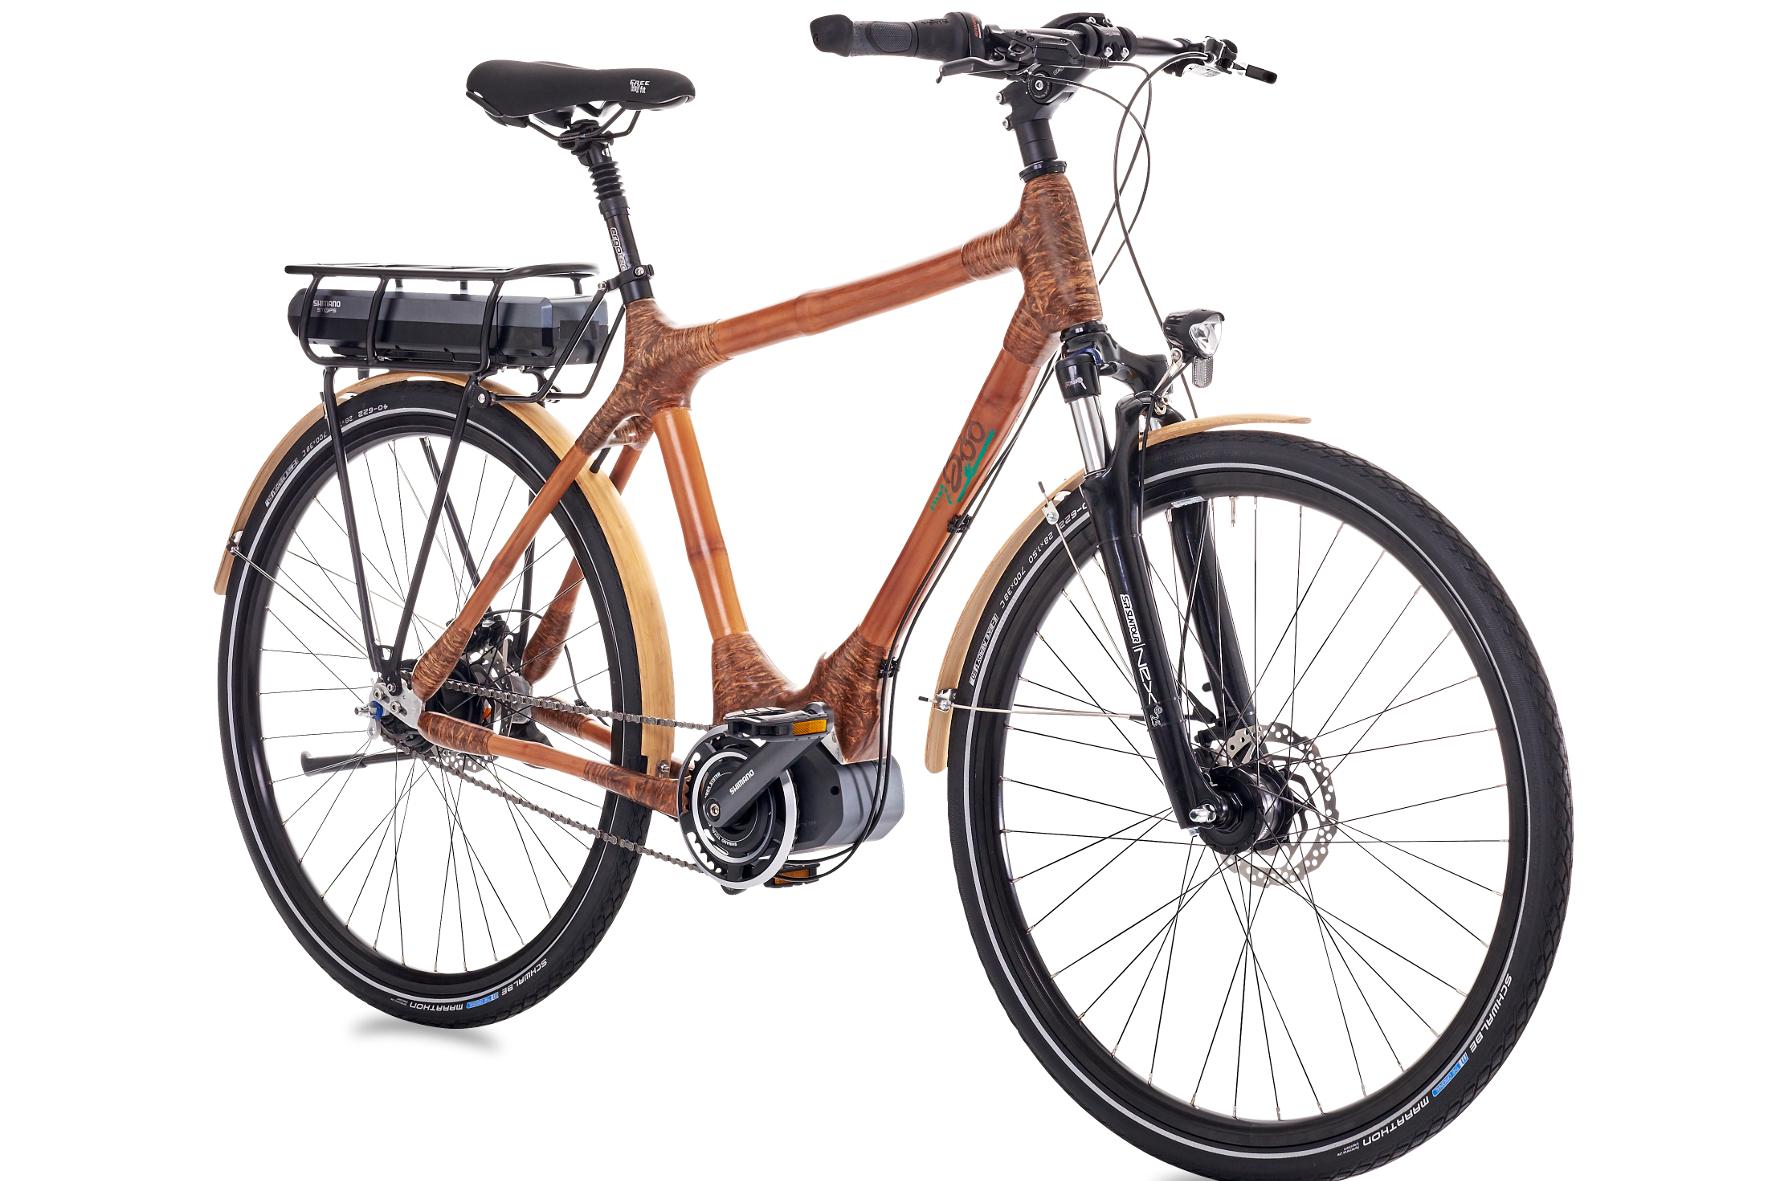 mid Groß-Gerau - my Volta: Die Fahrräder mit den in Ghana gefertigten Bambusrahmen gibt es bei my Boo jetzt auch als Pedelec.